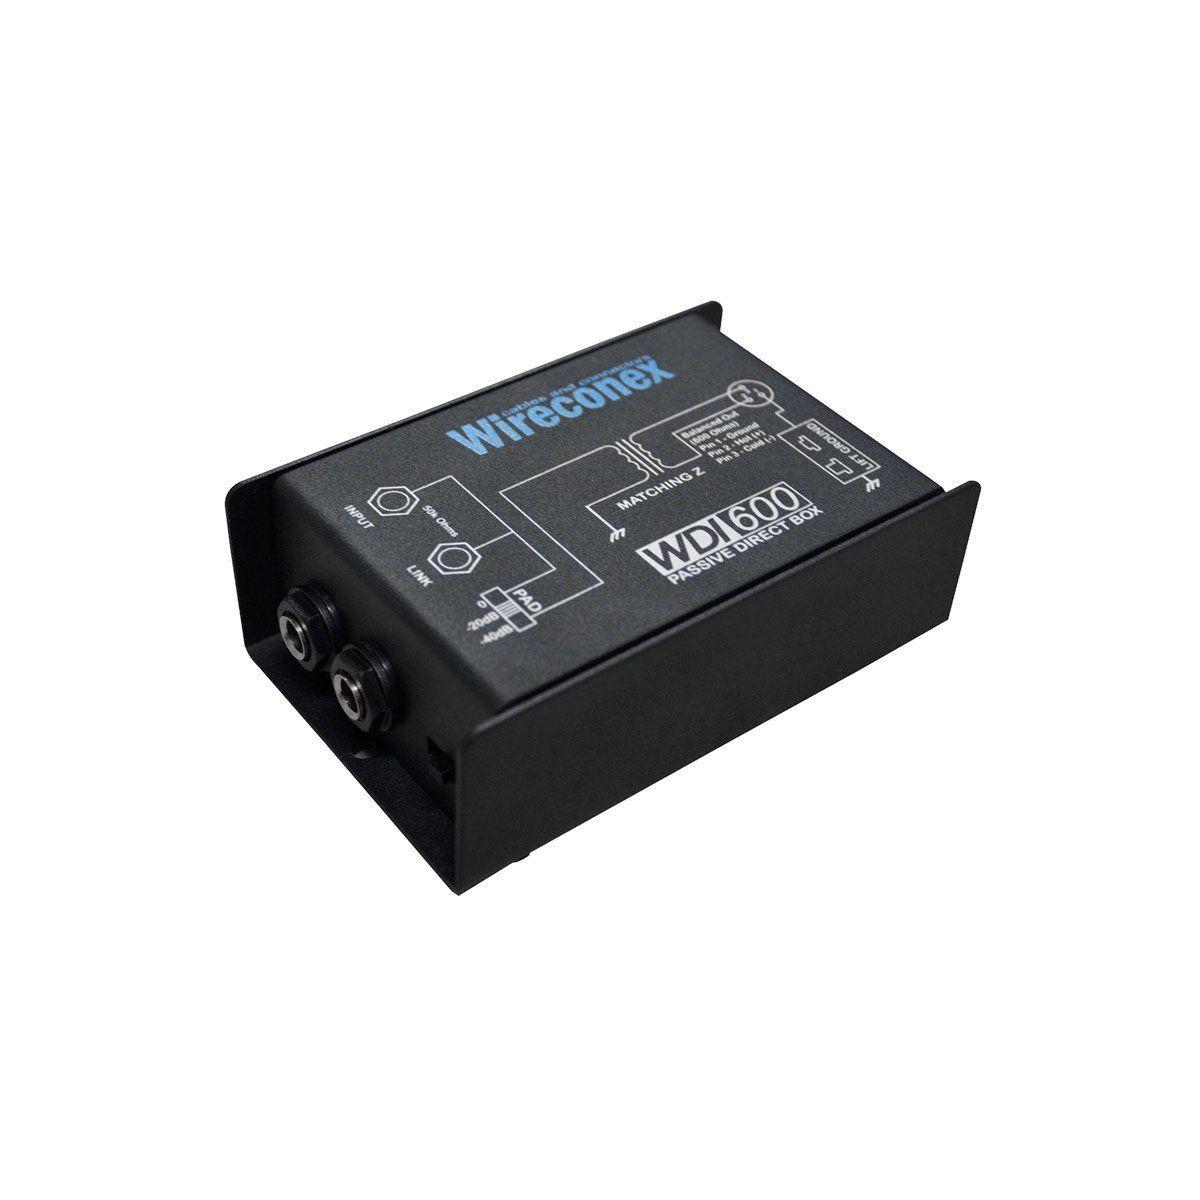 Direct Box Passivo Voxtron by Wireconex VOX WDI 600 1 Canal